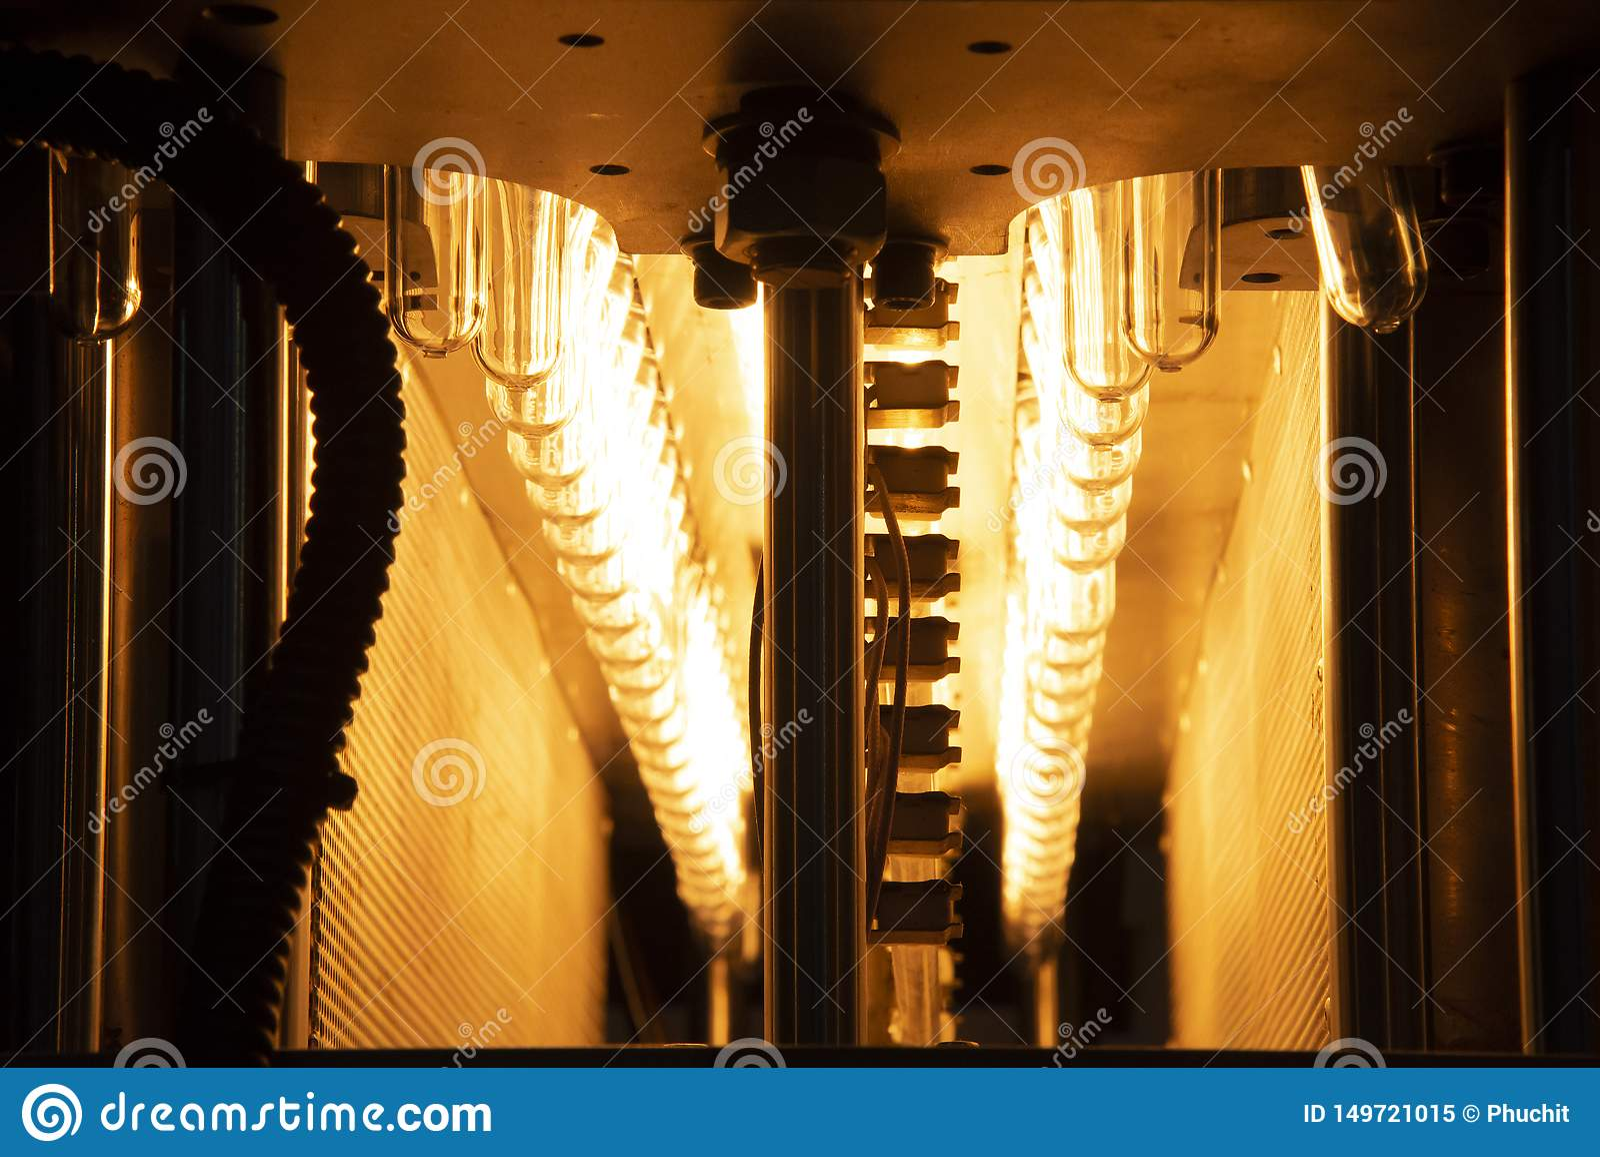 Η μορφή προσχηματισμών των πλαστικών μπουκαλιών στη ζώνη μεταφορέων για τη θέρμανση της διαδικασίας